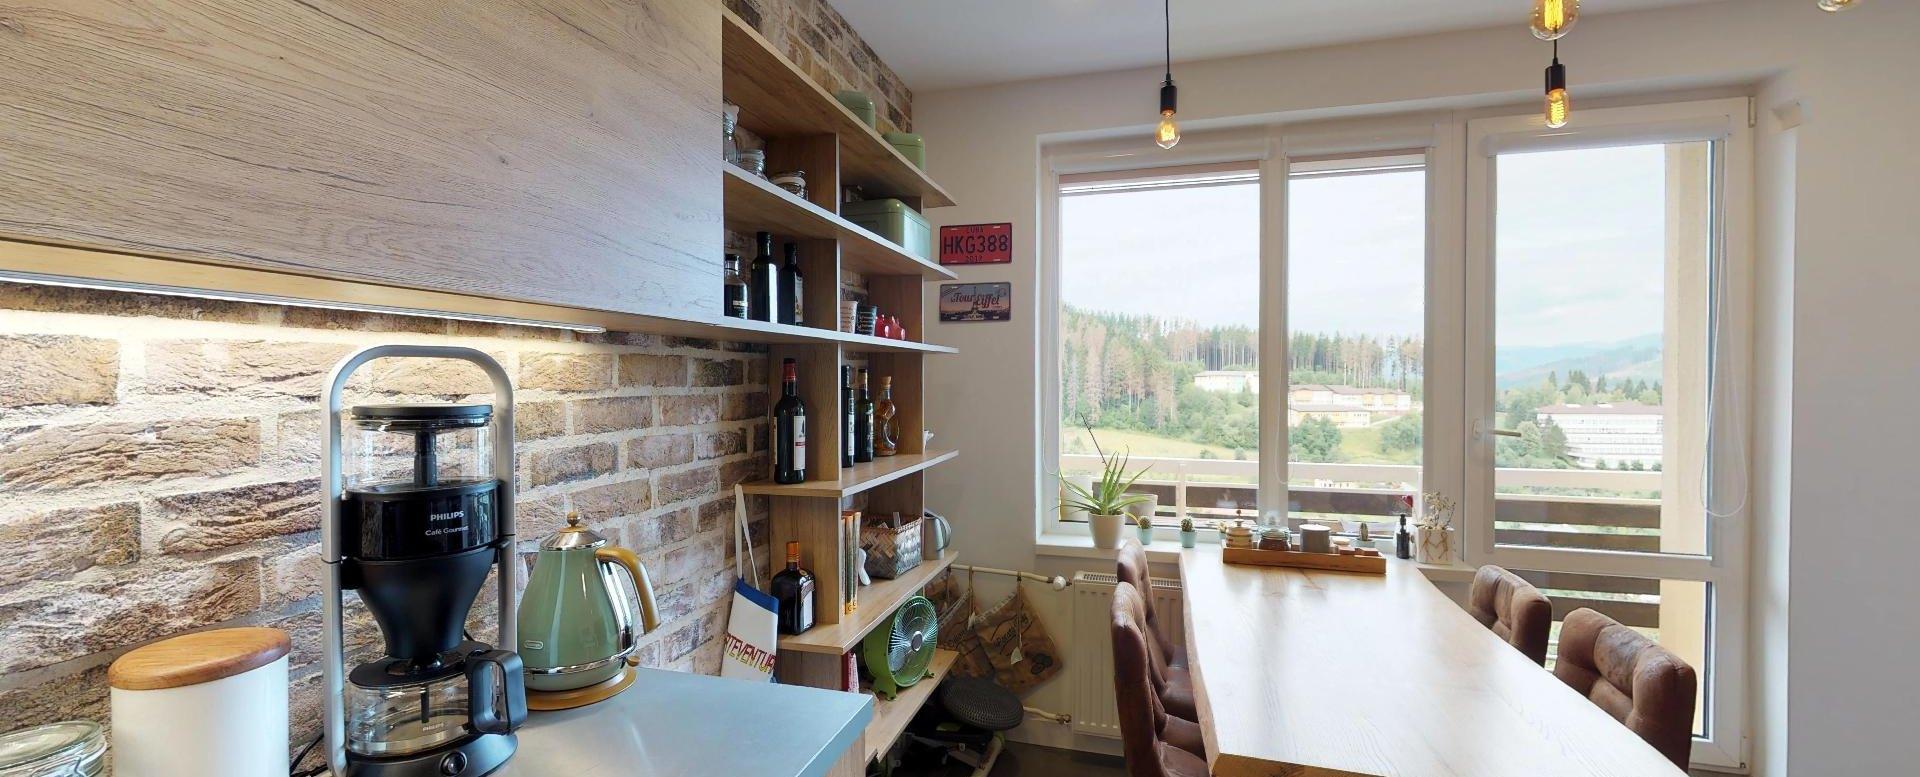 Kuchynský stôl a pohľad na lodžiu